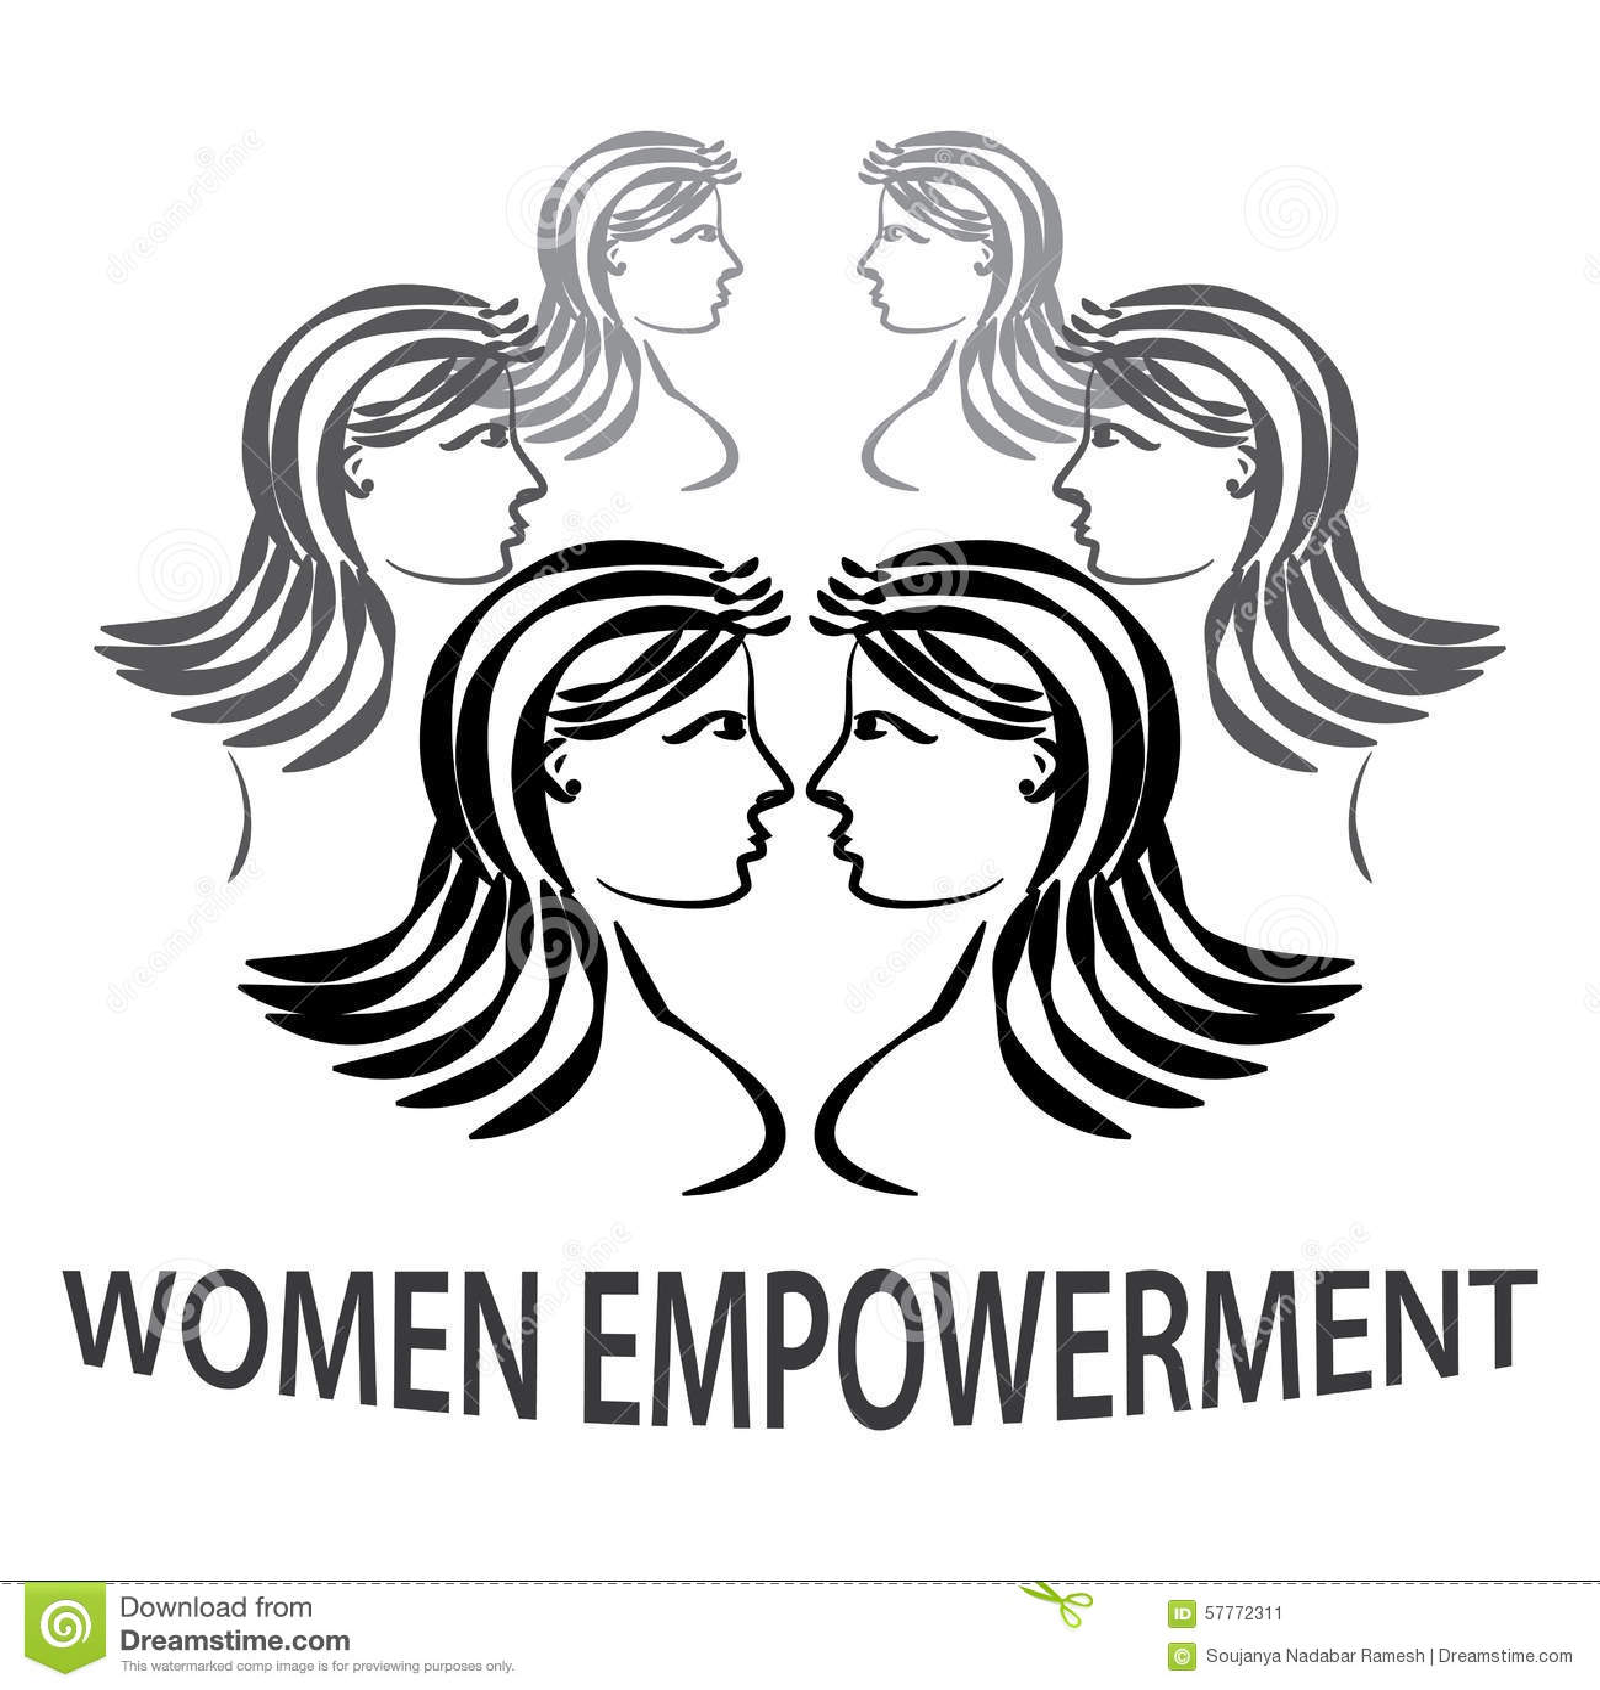 Women Empowerment Stock Vector